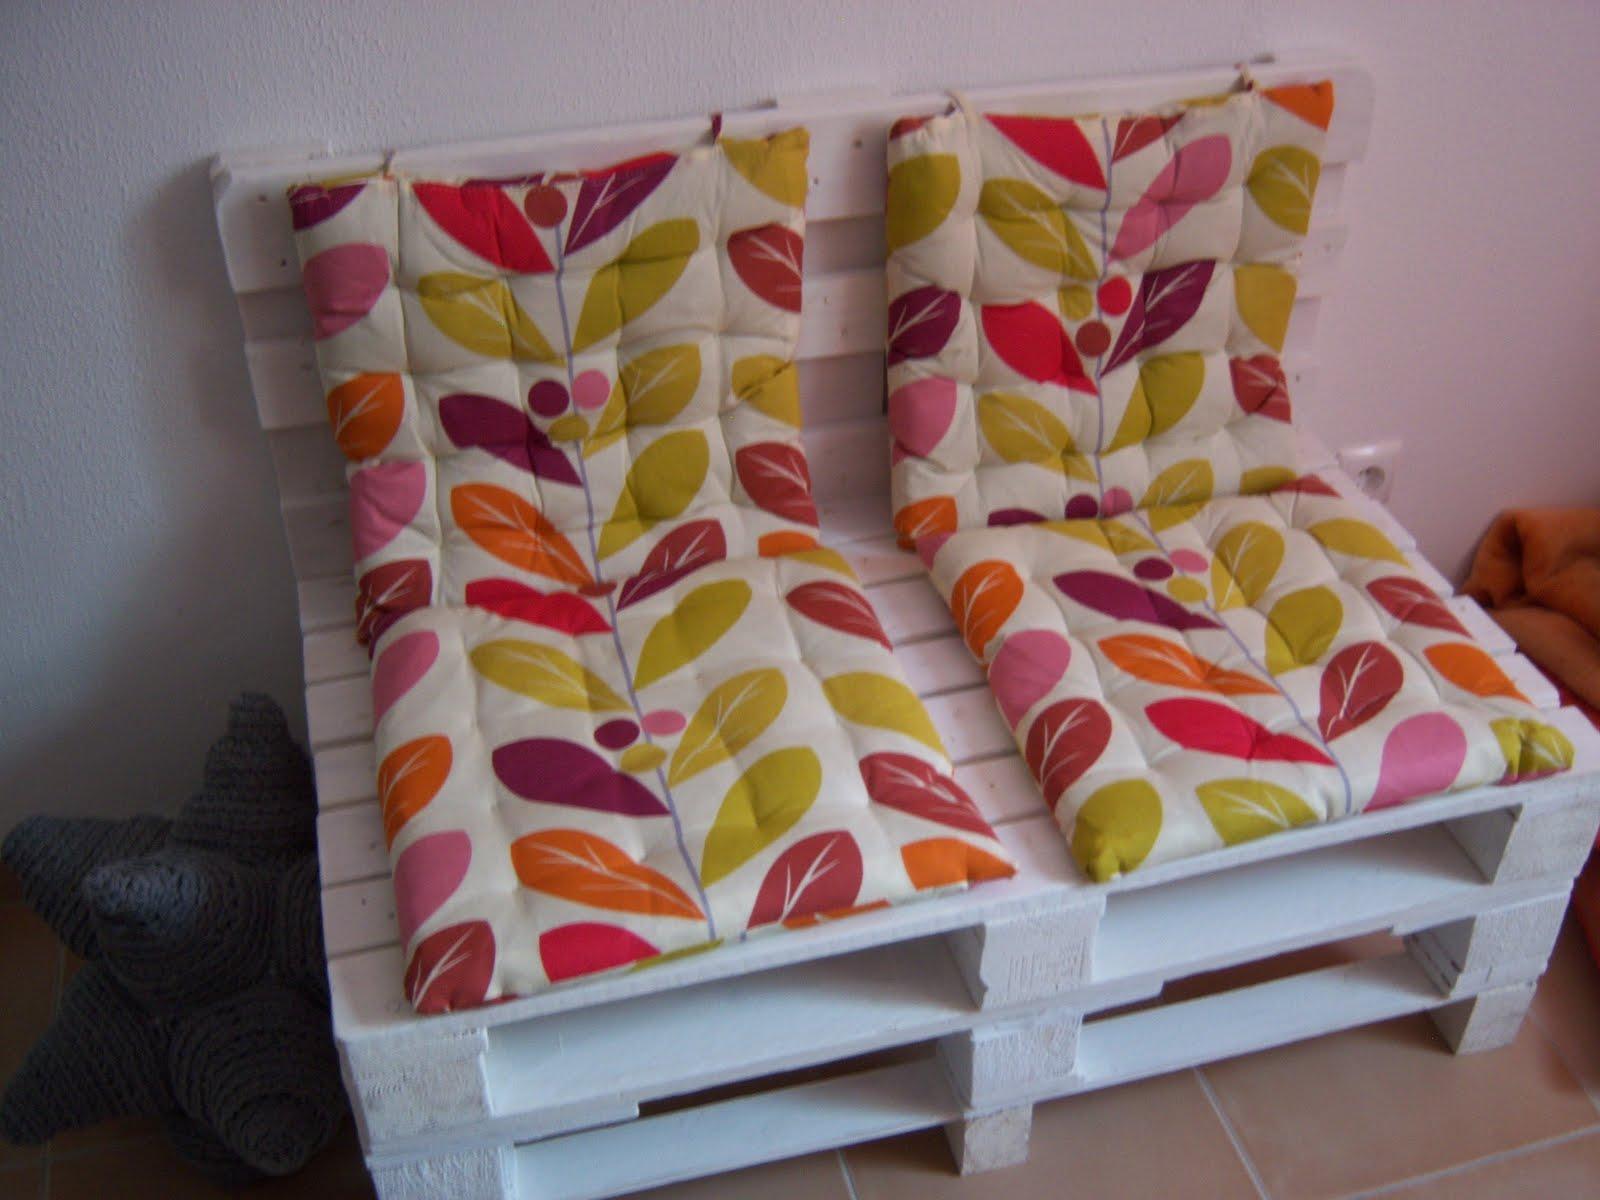 minha fruta: sofa pronto #A93722 1600x1200